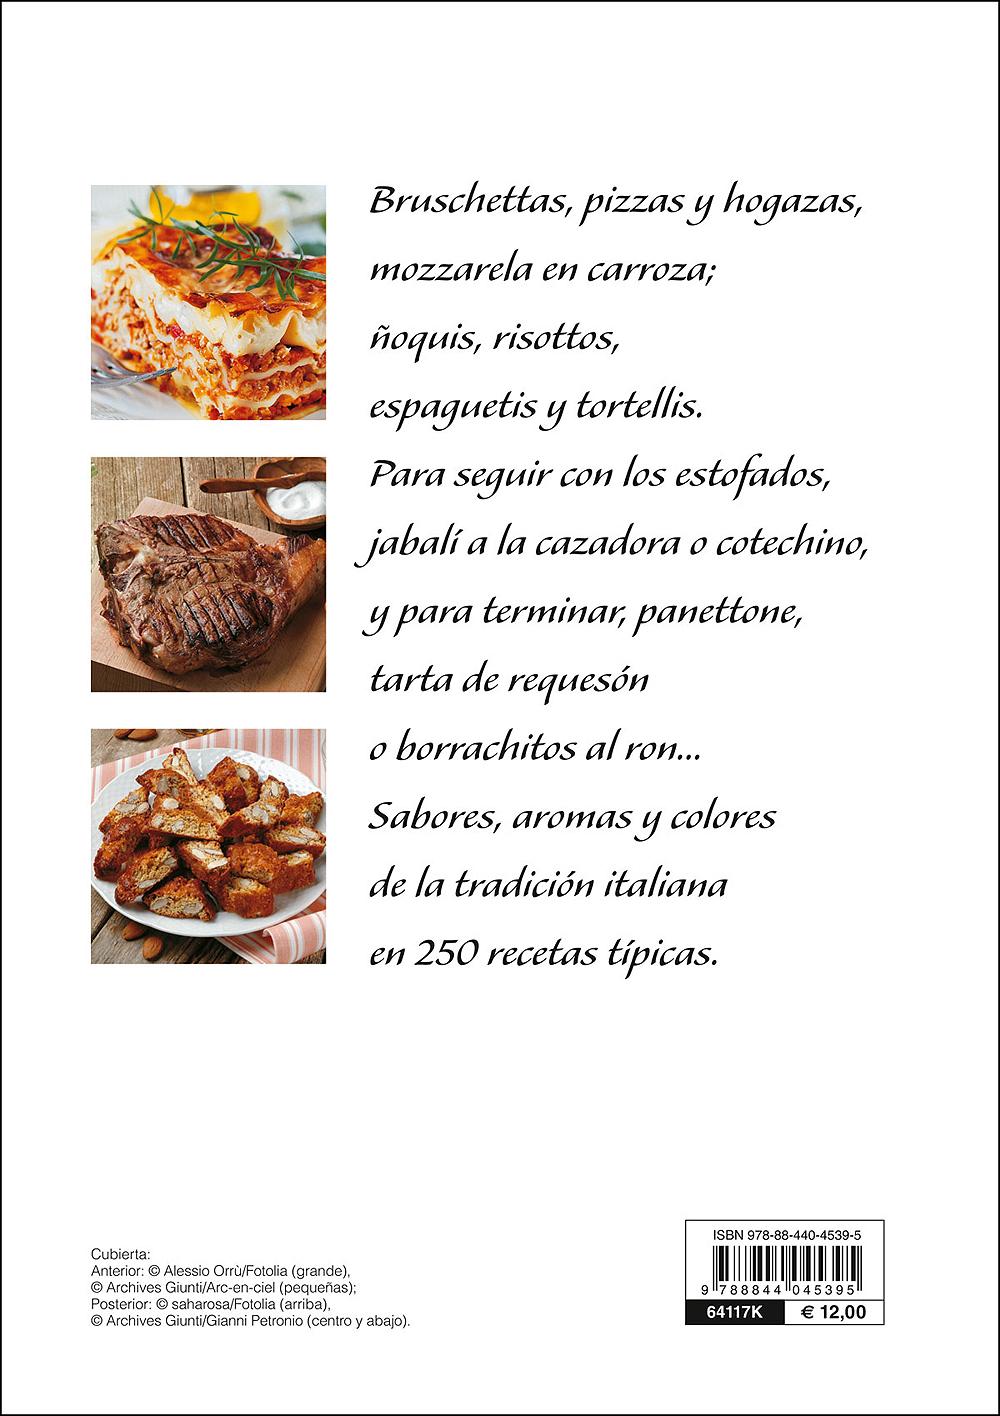 La cocina de Italia